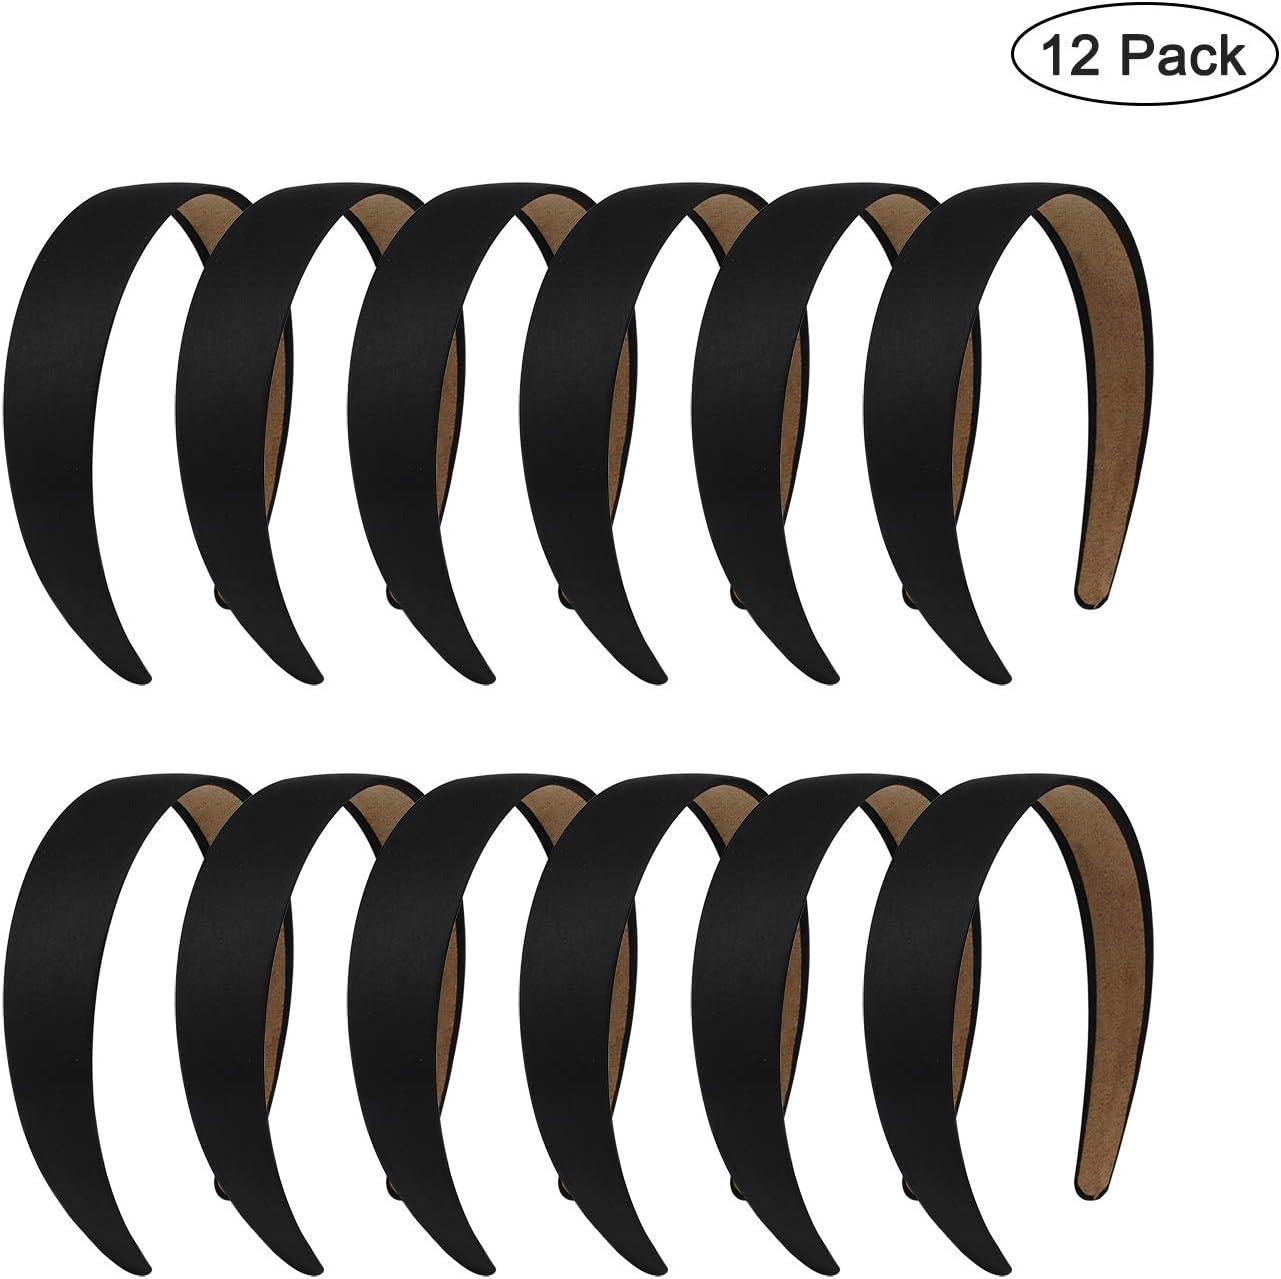 Diadema de Pelo de Satín Negra Banda de Pelo sin Dientes 1.2inch DIY Diadema Plano para Niñas y Mujeres 12 Piezas